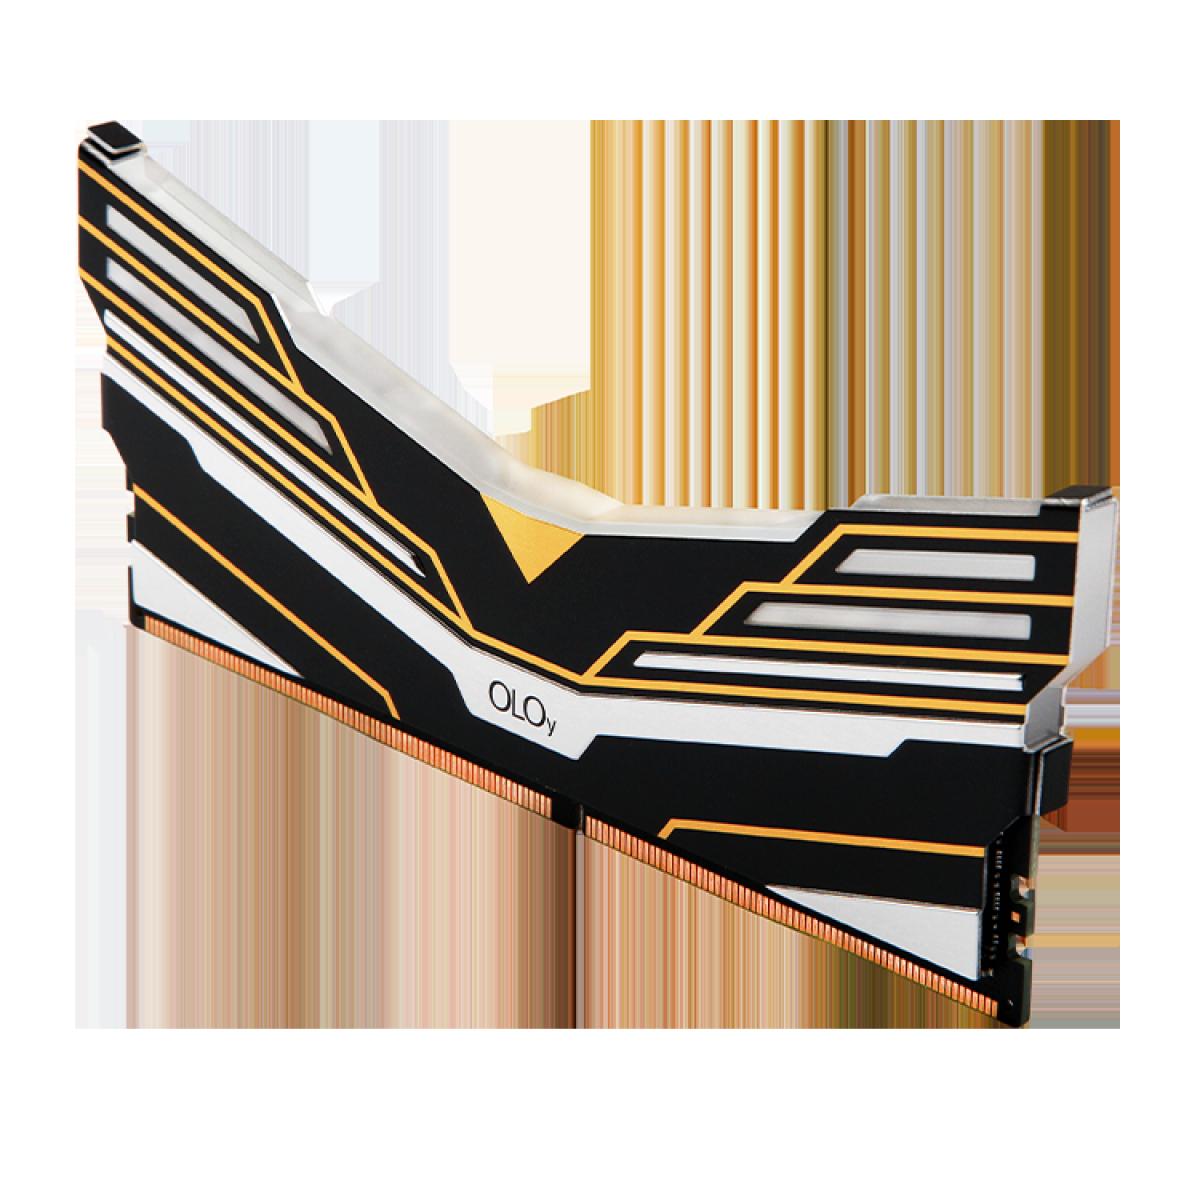 Memória DDR4 OLOy WarHawk Black, 16GB, 3000MHZ, RGB, MD4U163016BESA